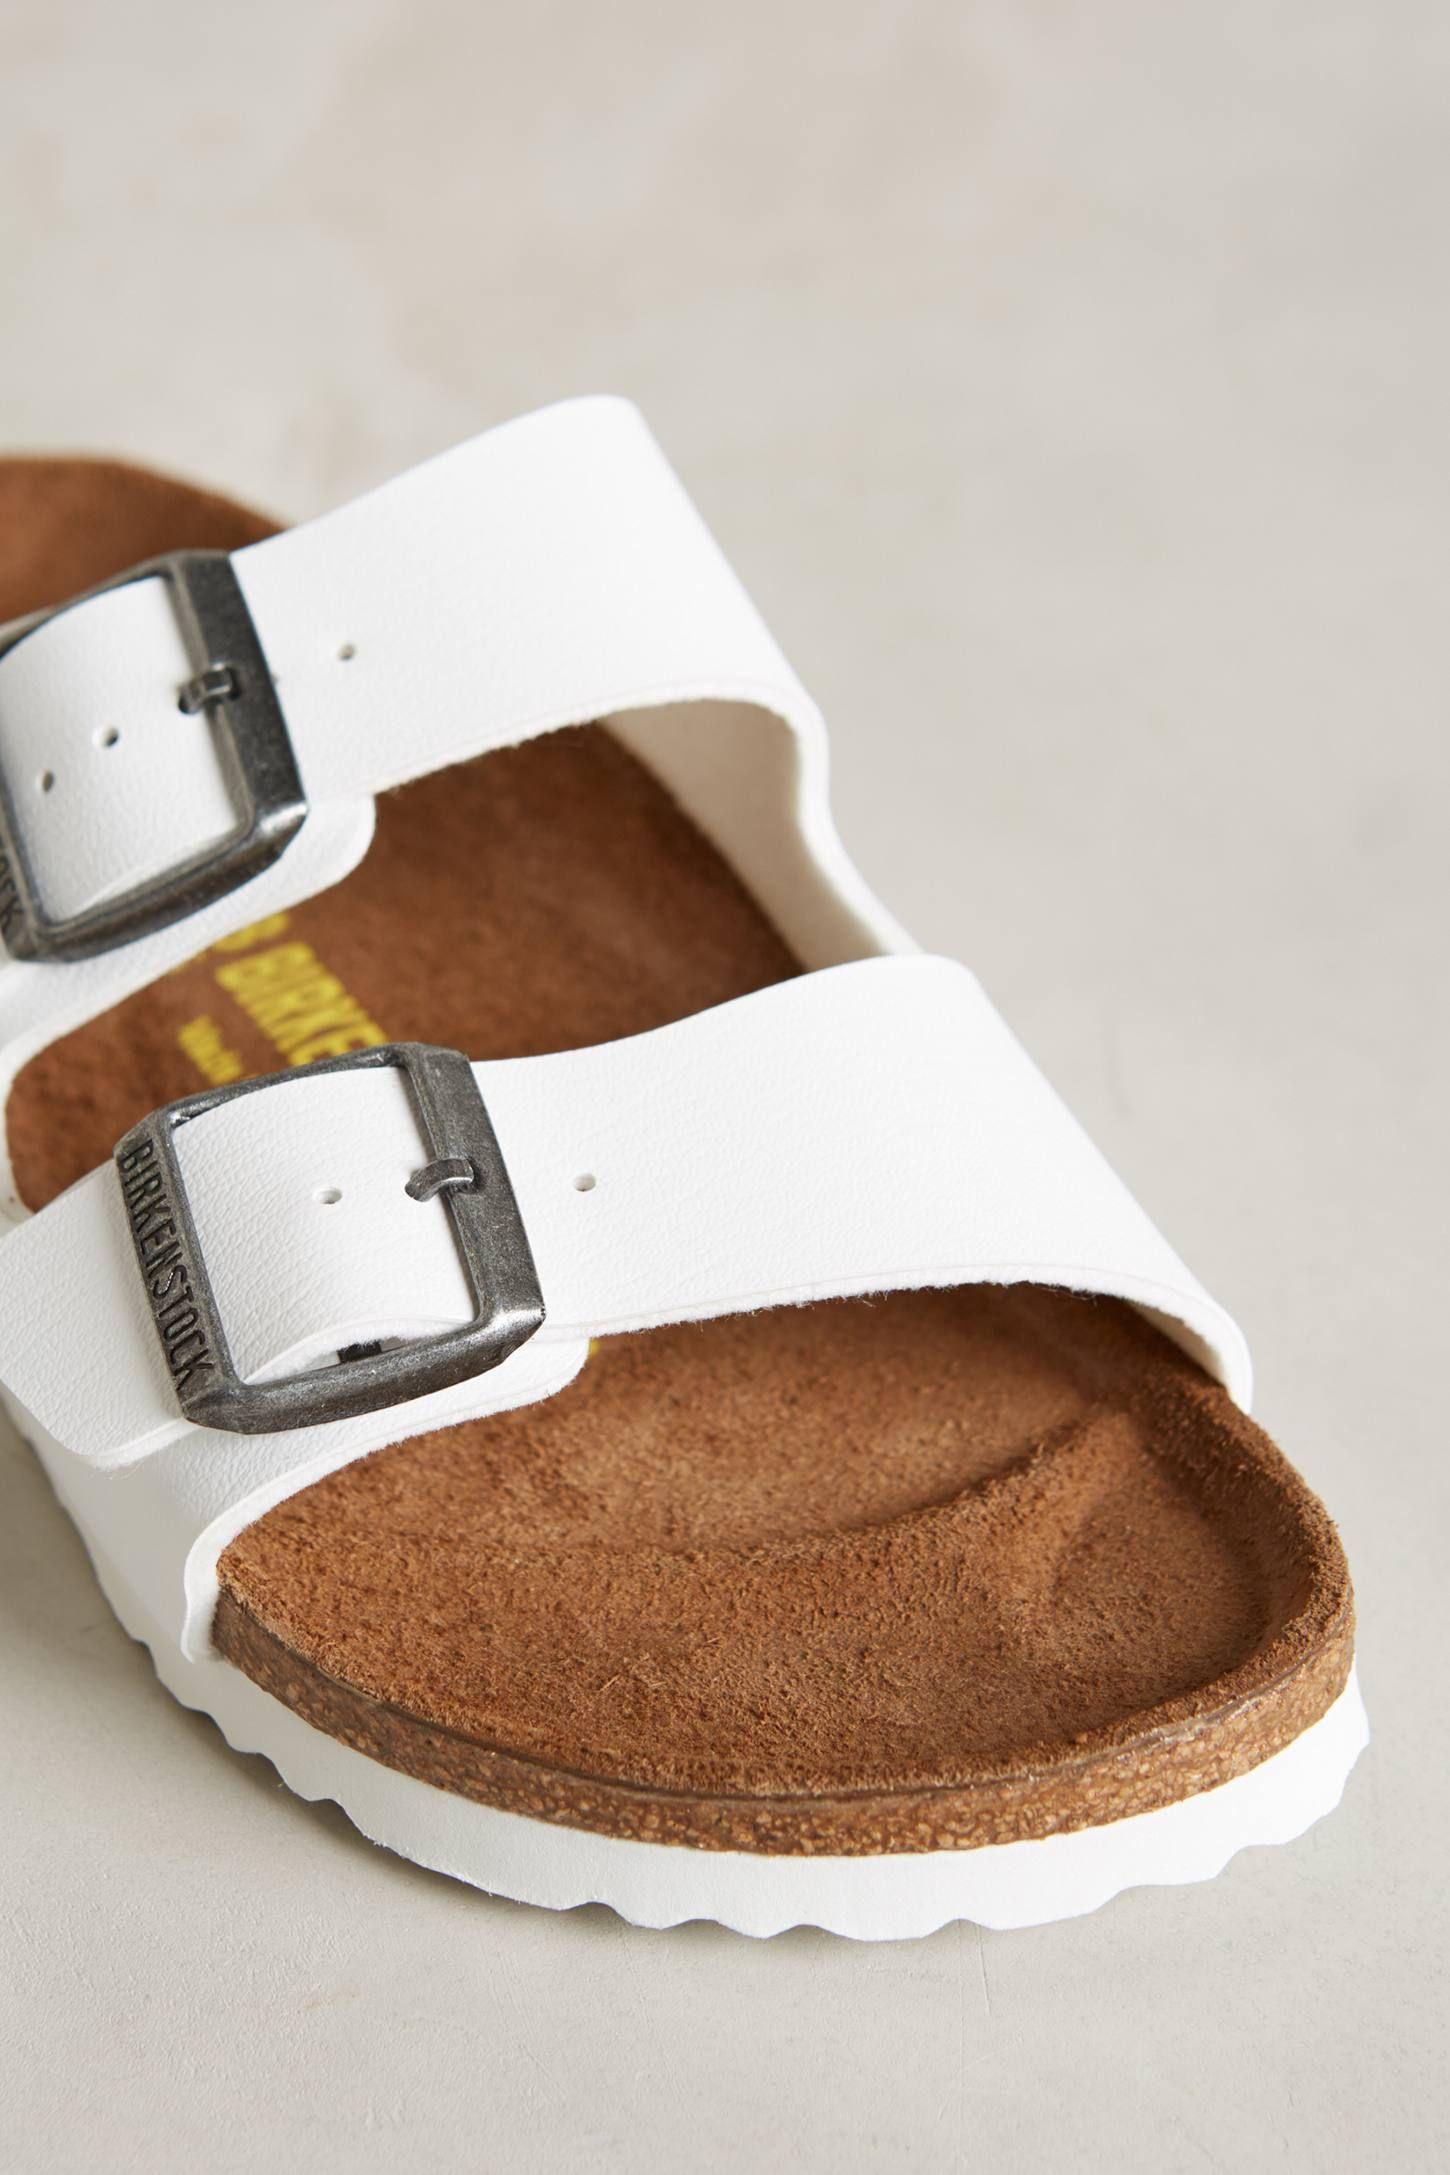 Zapatos blancos casual JERAG0SmnW Arizona para mujer Barato Venta Discount Outlet económico Compre barato El más barato Los mejores precios para la venta Wiki de descuento XIvHI